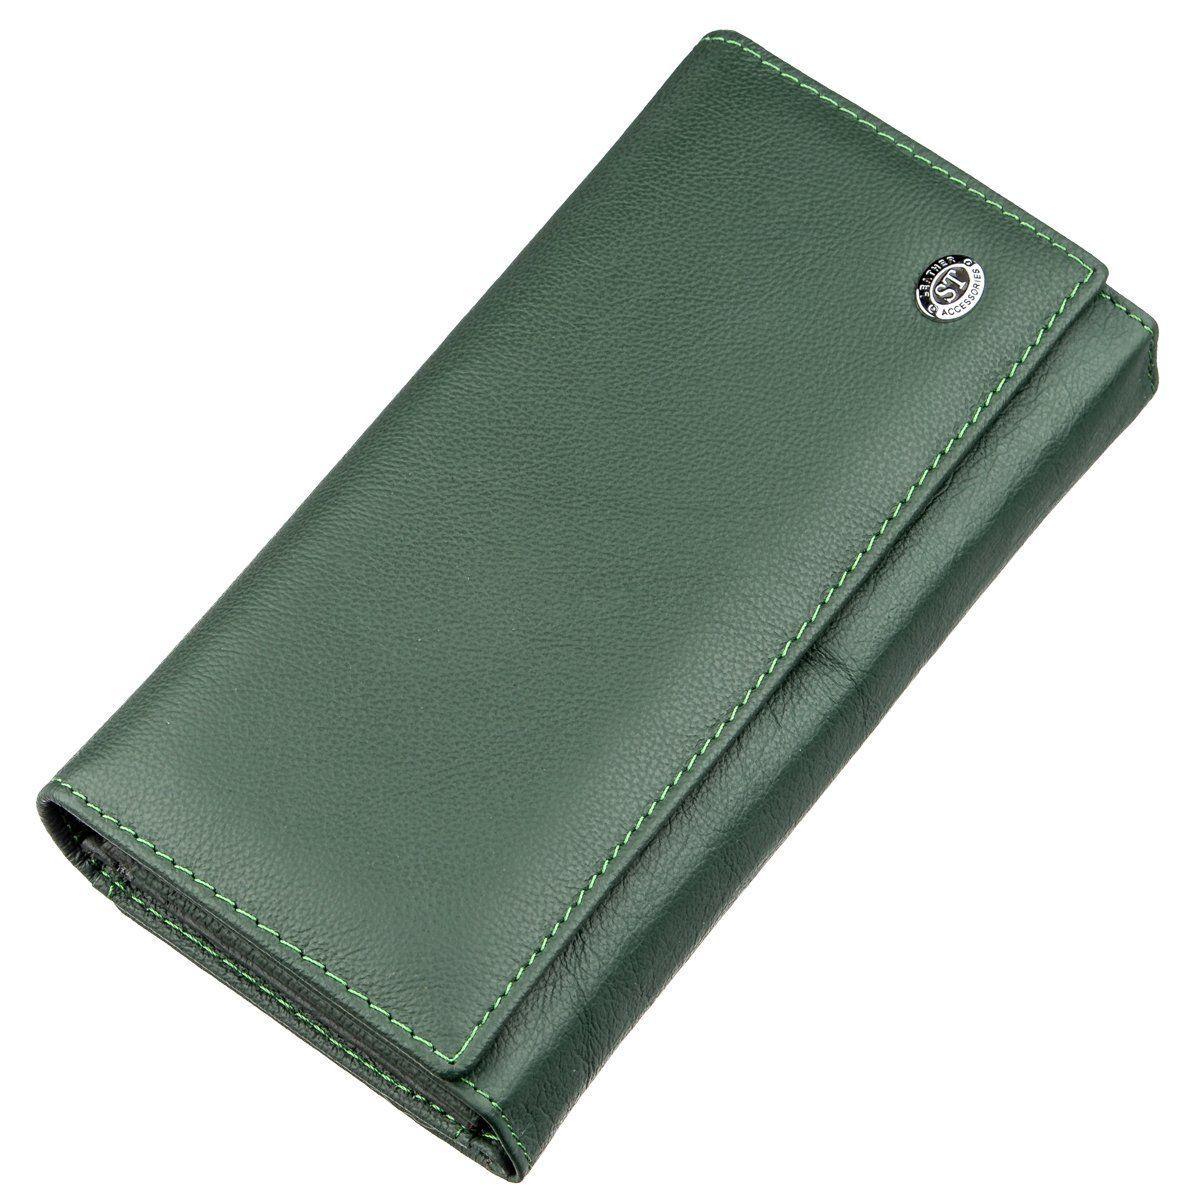 Кожаный кошелек с монетницей ST Leather 18879 Зеленый, Зеленый